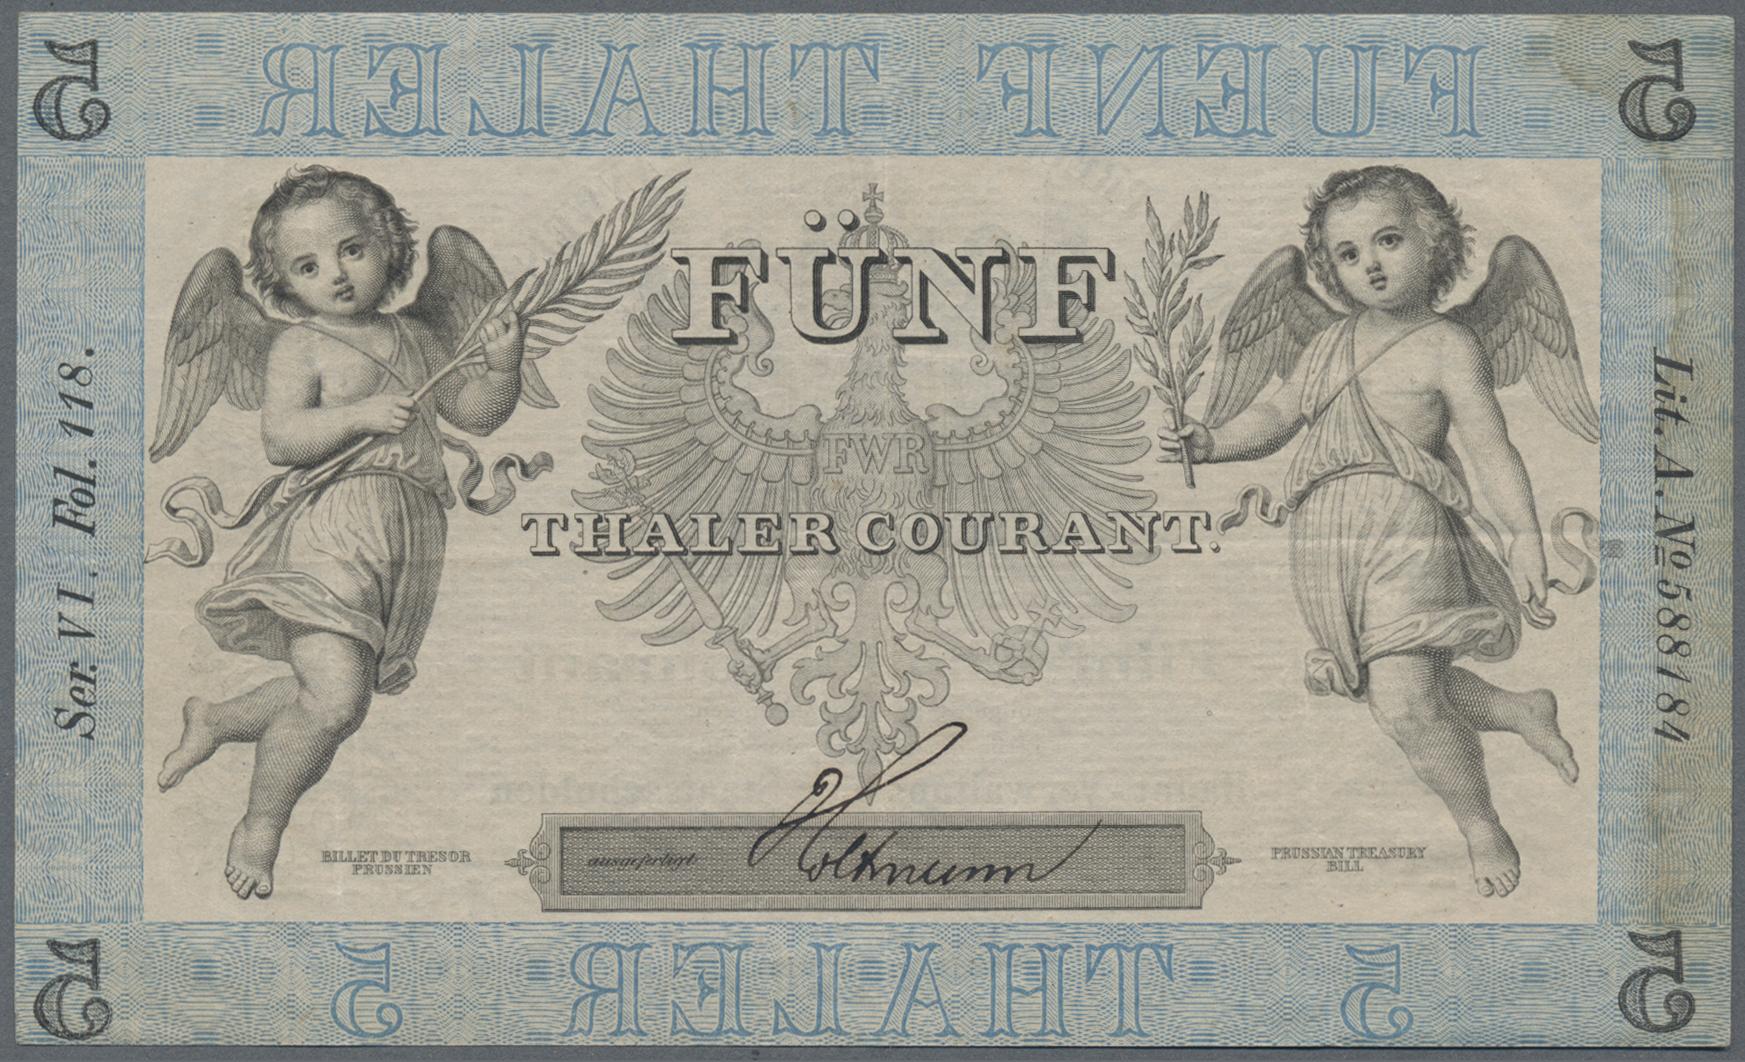 Lot 03303 - Deutschland - Altdeutsche Staaten | Banknoten  -  Auktionshaus Christoph Gärtner GmbH & Co. KG Sale #45 Banknotes Germany/Numismatics